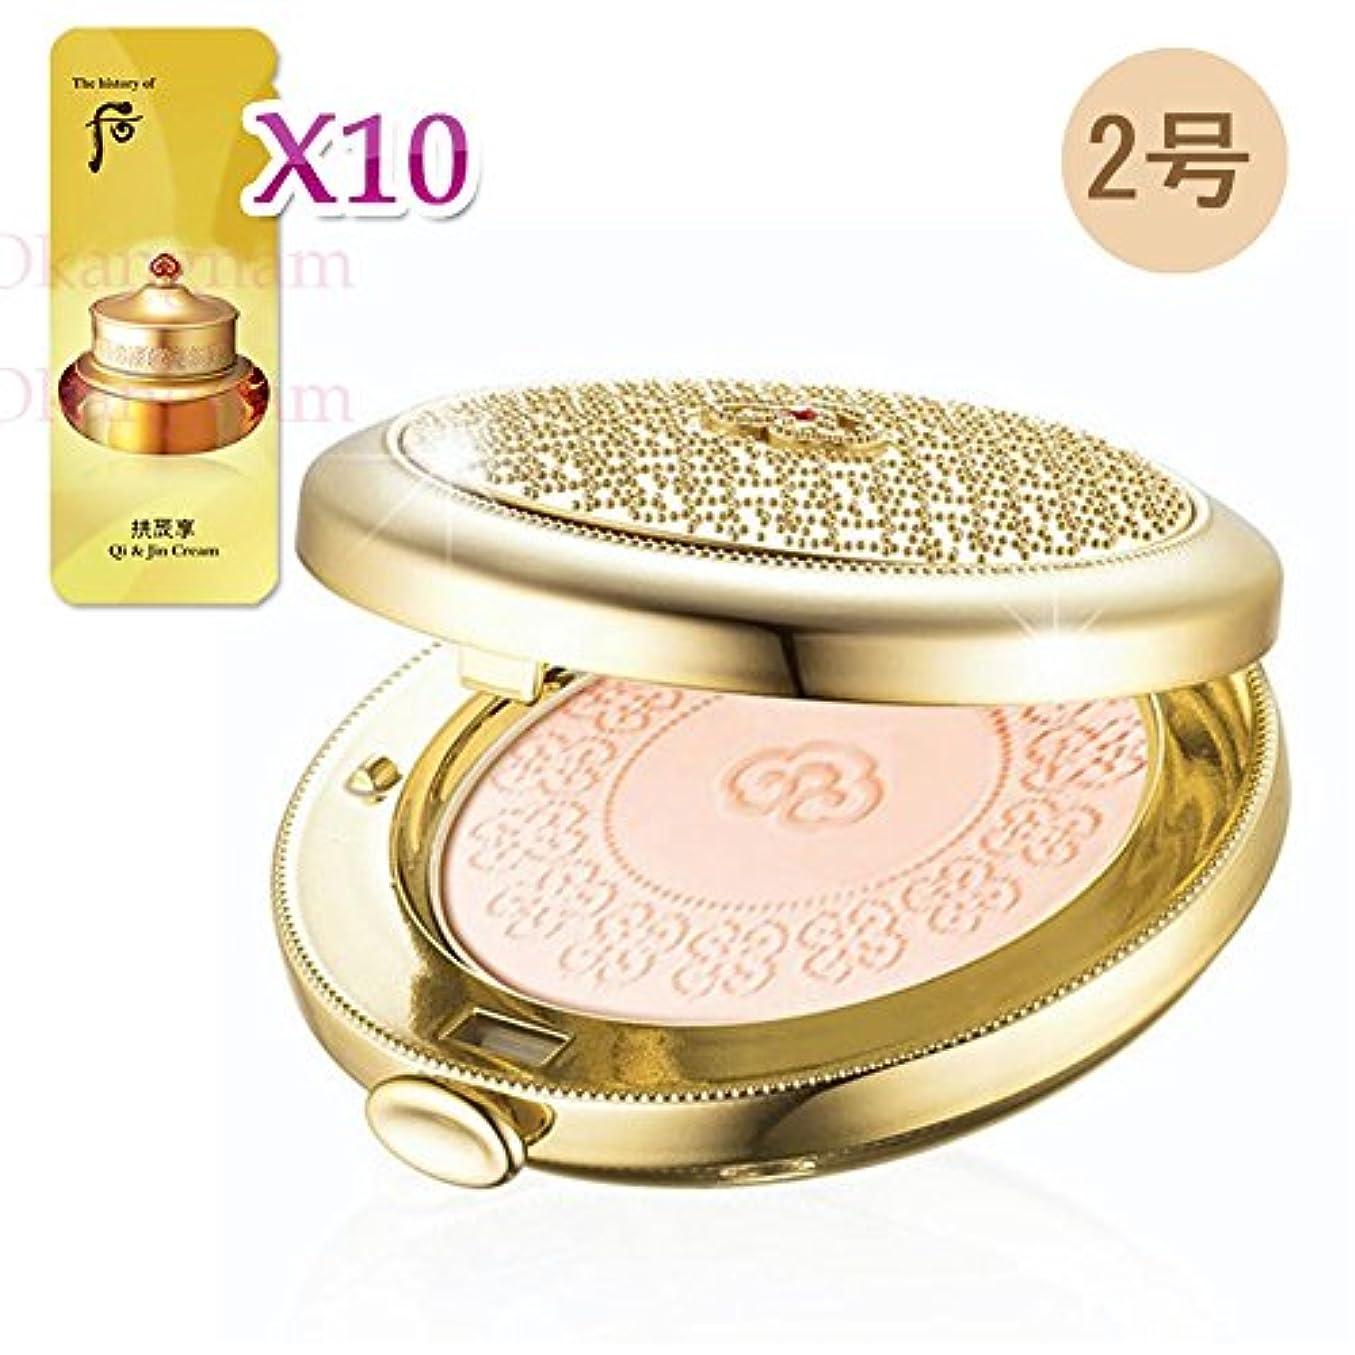 ギャロップアーサーゆでる【フー/ The history of whoo] Whoo 后 KGM10 GONGJIN HYANG Mi Powder Compact(SPF30,PA++) /后(フー) ゴンジンヒャン 美パウダーコンパクト 2号 + [Sample Gift](海外直送品) (2号)